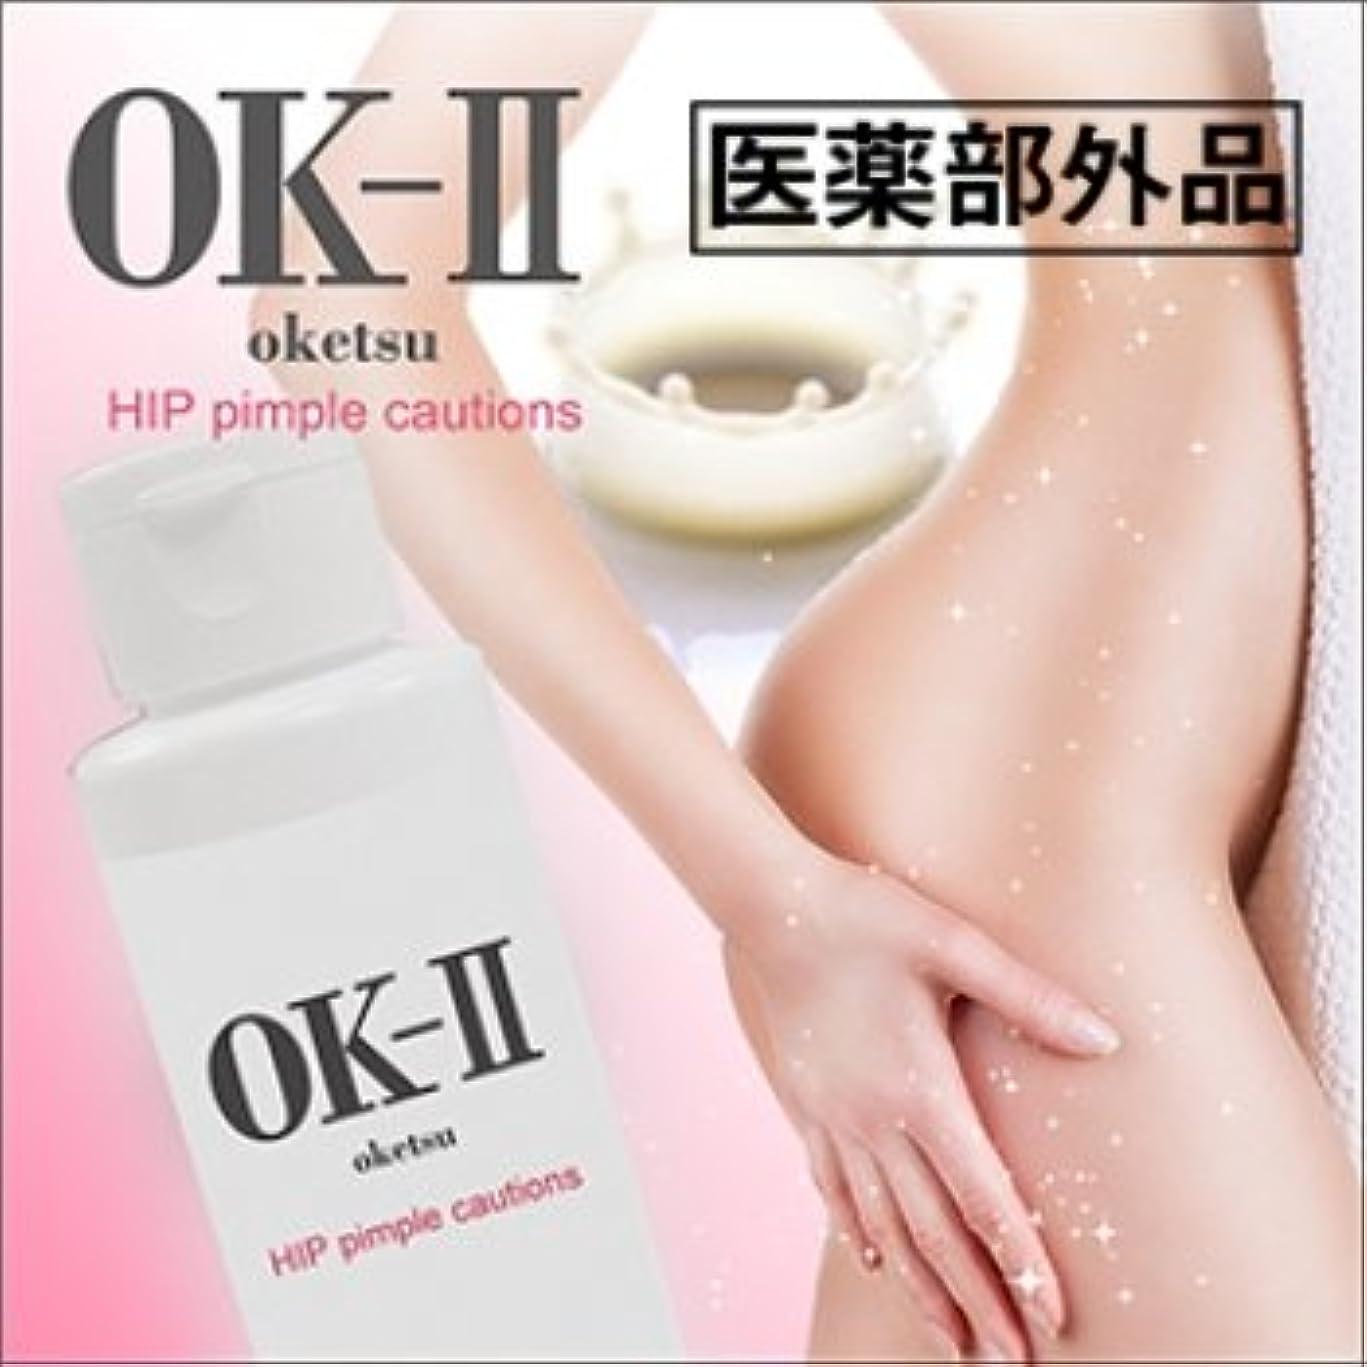 操作避難する物理的にOK-IIオッケーツー(薬用お尻ニキビケアボディ乳液)医薬部外品